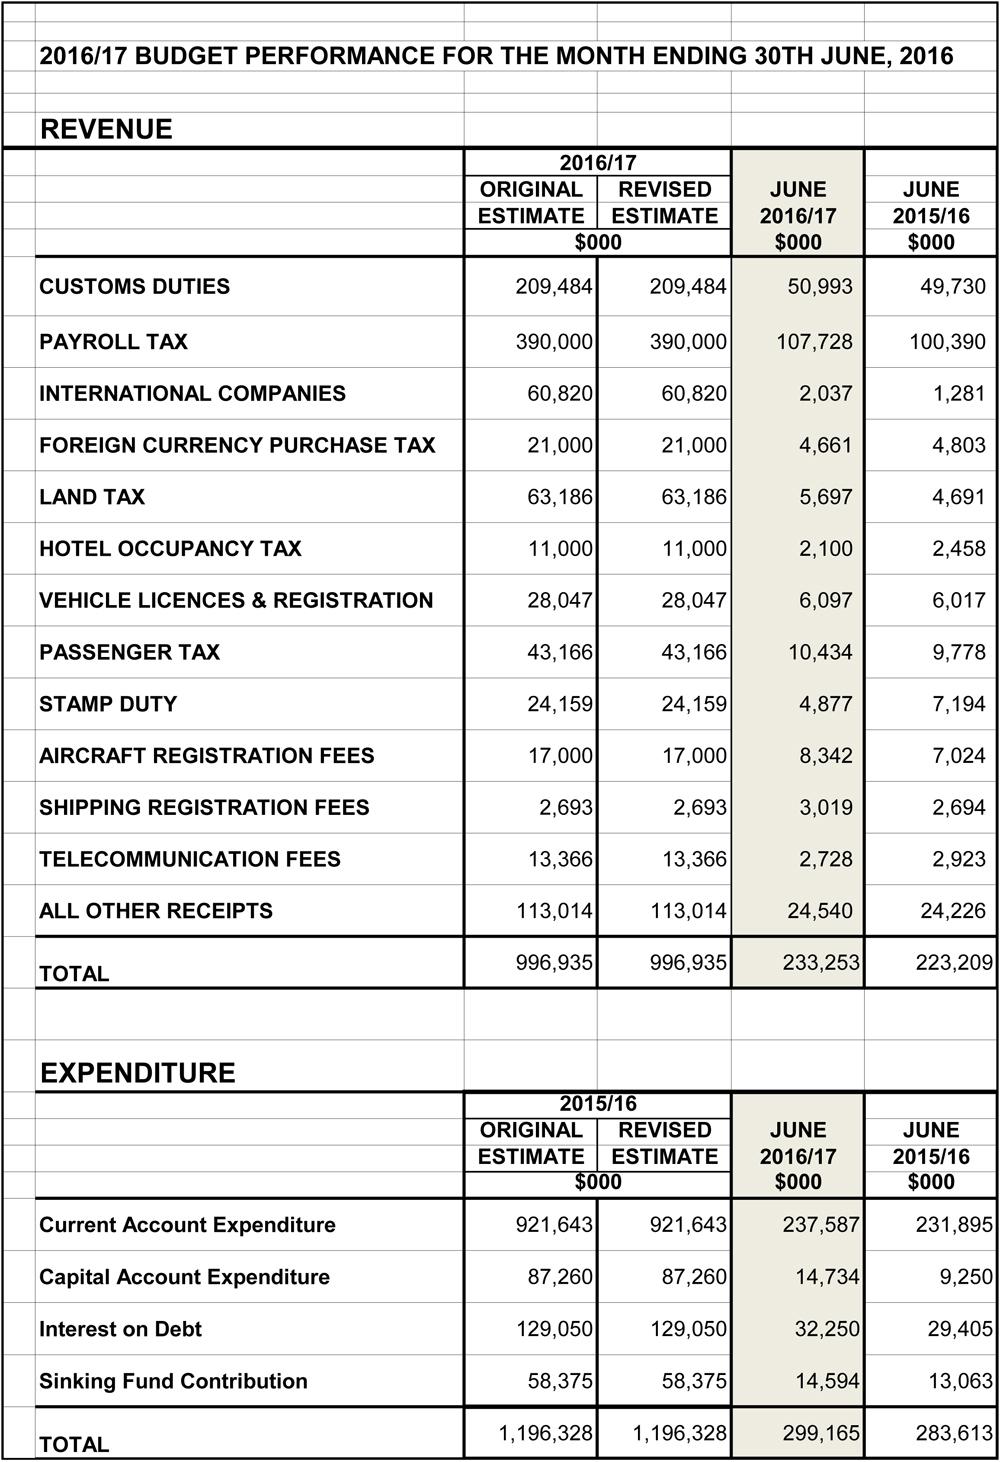 Finance 1st qtr Bermuda JUN16PRO